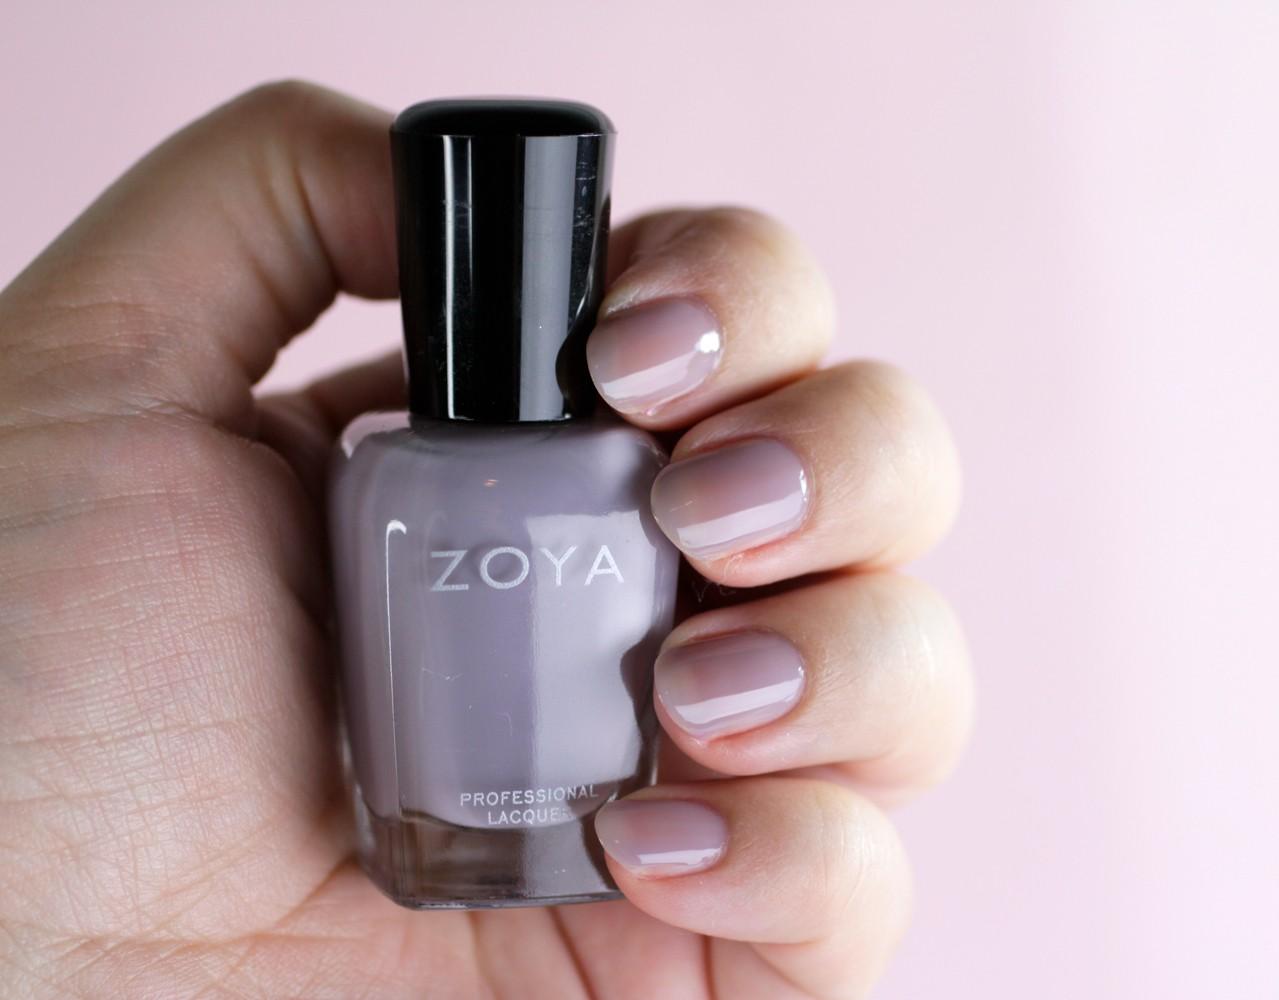 Zoya Pastel Gray Jelly Polish - Vickie - Zoya Nail Polish Review: Kisses Pastel Jellies Collection by LA cruelty free beauty blogger My Beauty Bunny